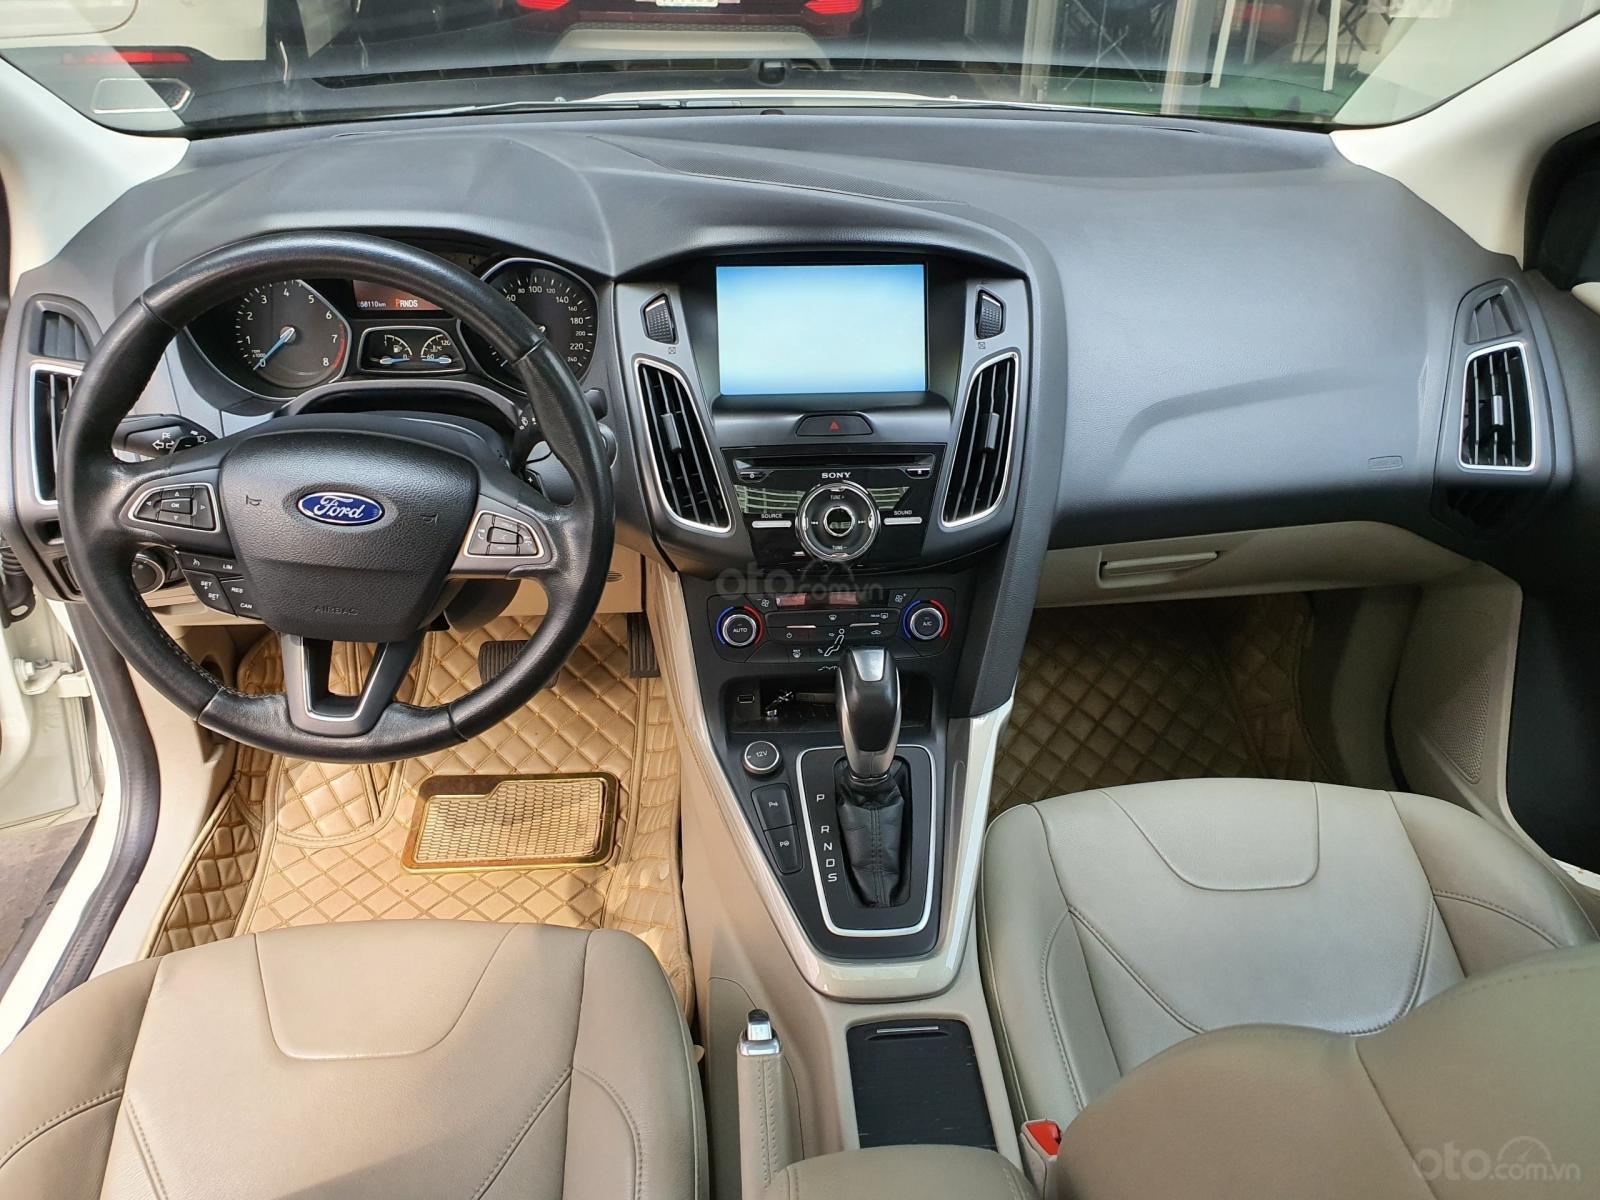 Ford Focus Titanium 2015 trắng xe đẹp giá hợp lý (5)